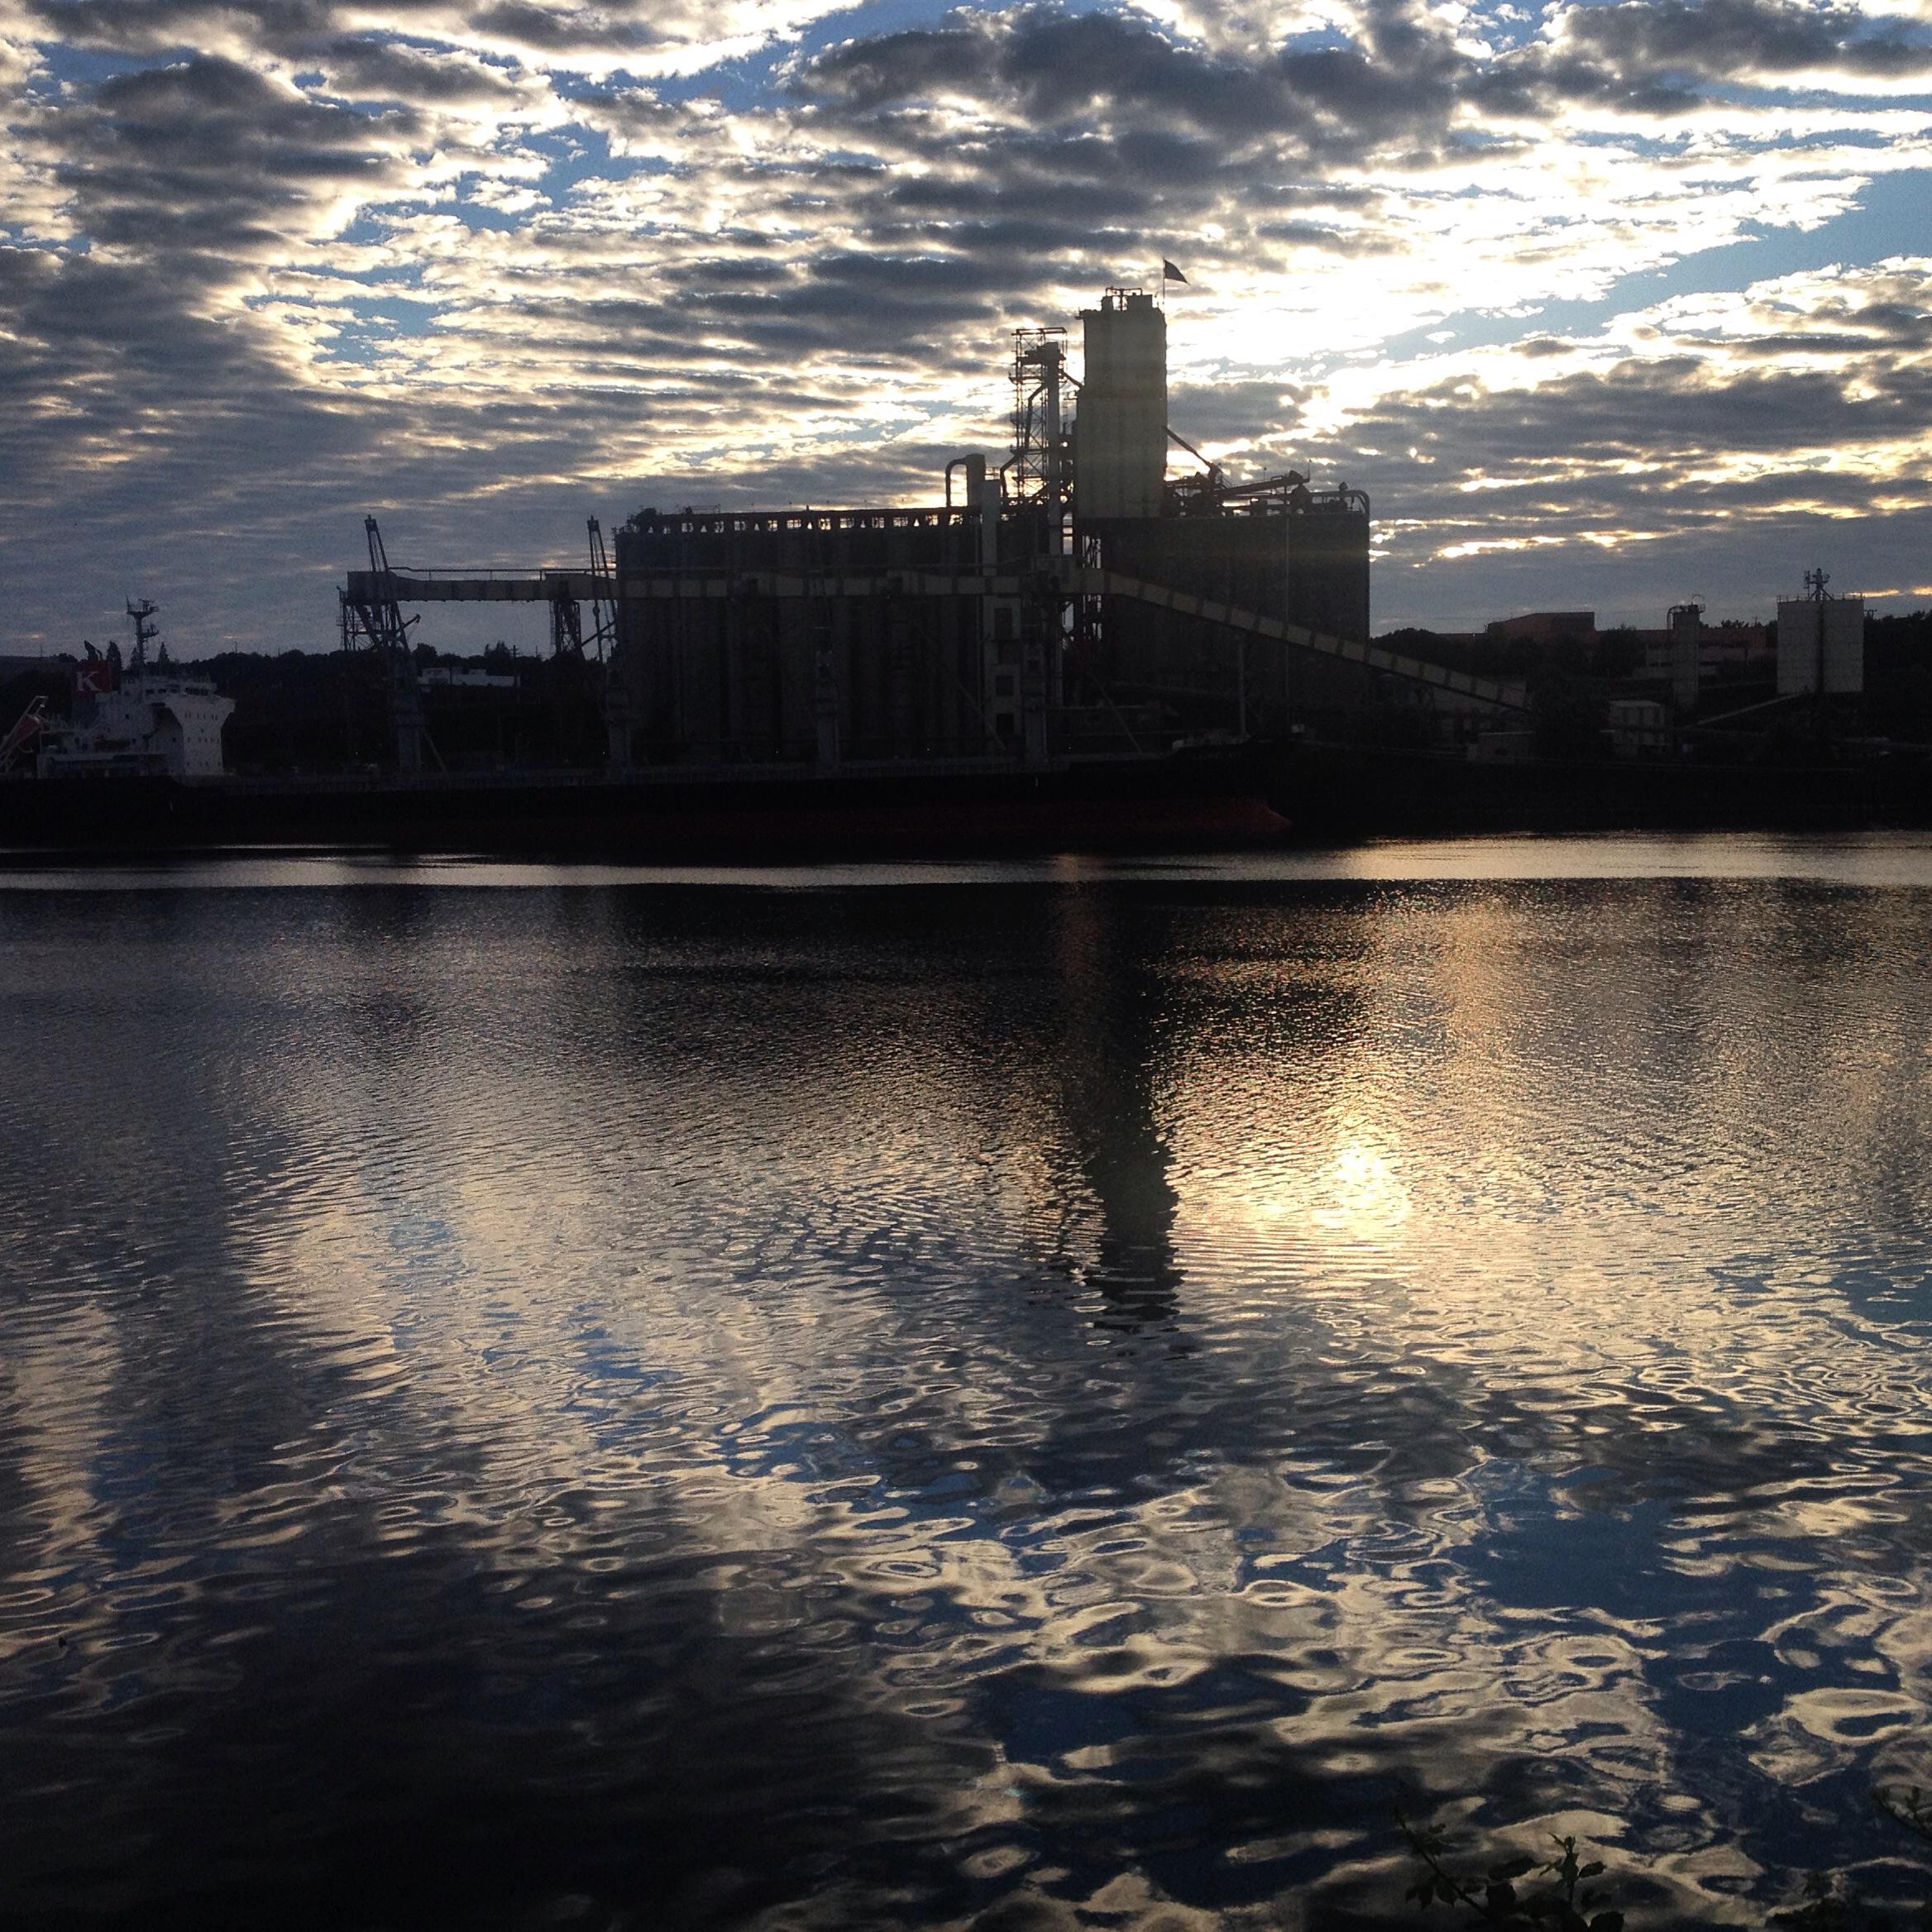 Grain Mill & Boat Waterfront 7/5/14